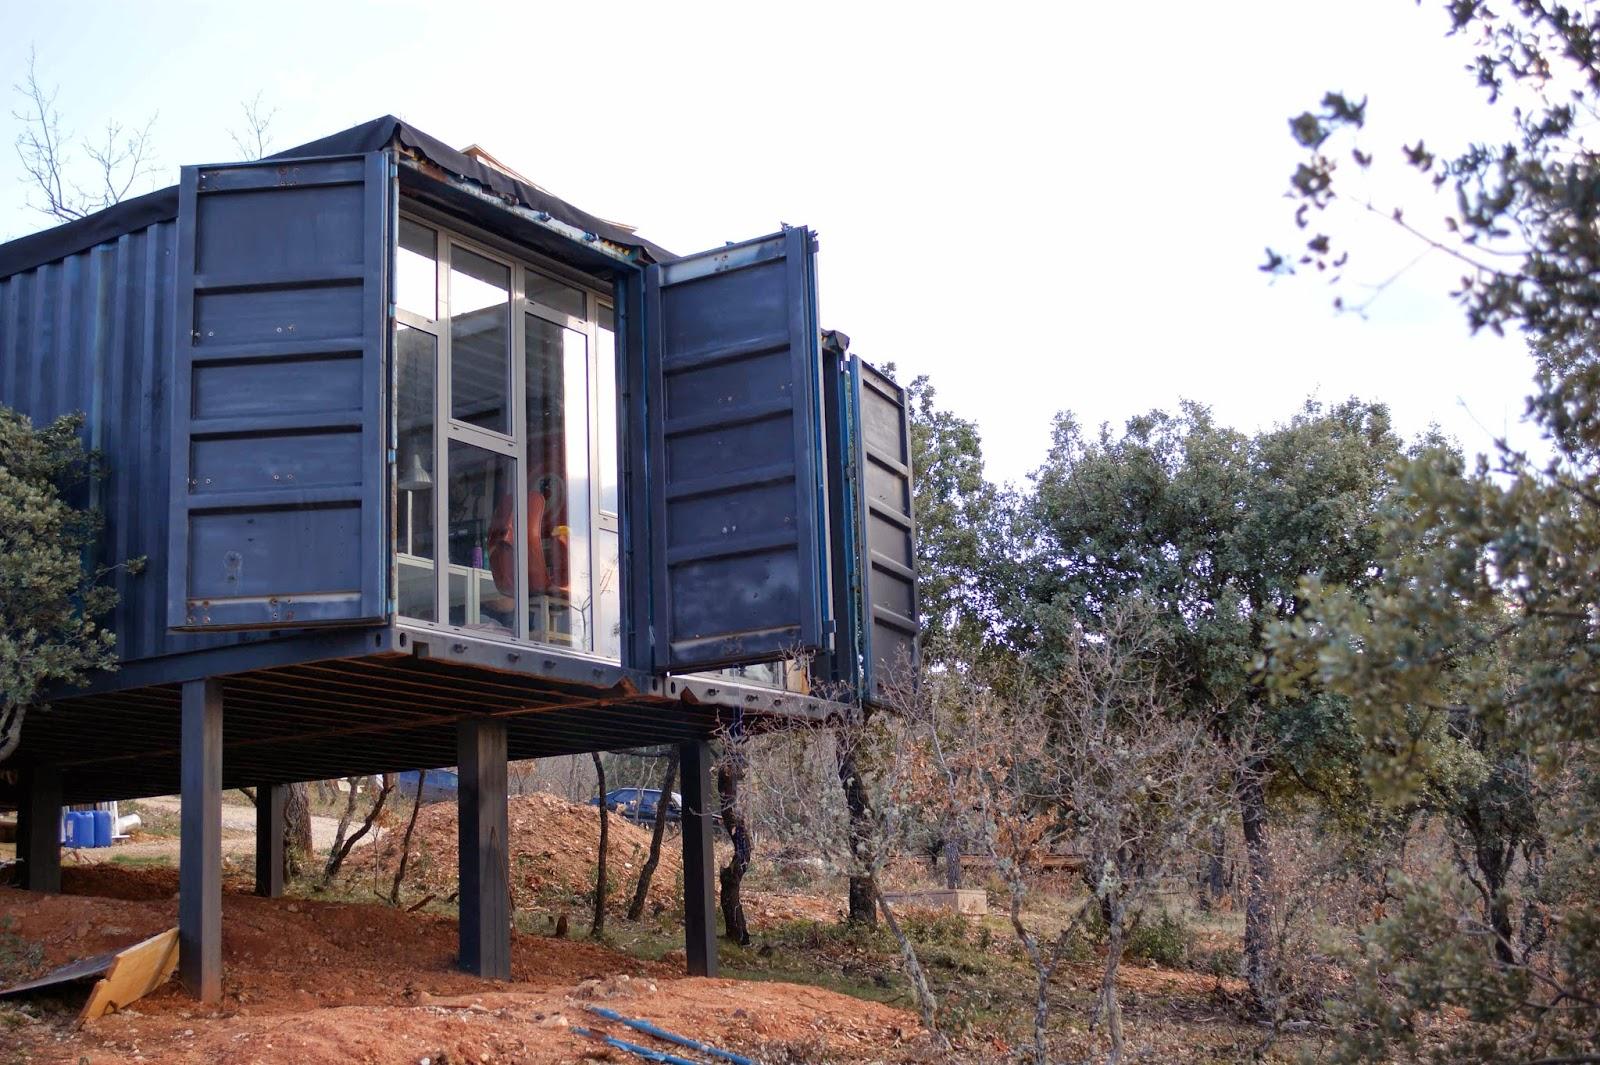 Autoconstrucci n c mo transformar un contenedor 2 parte - Como construir mi casa ...